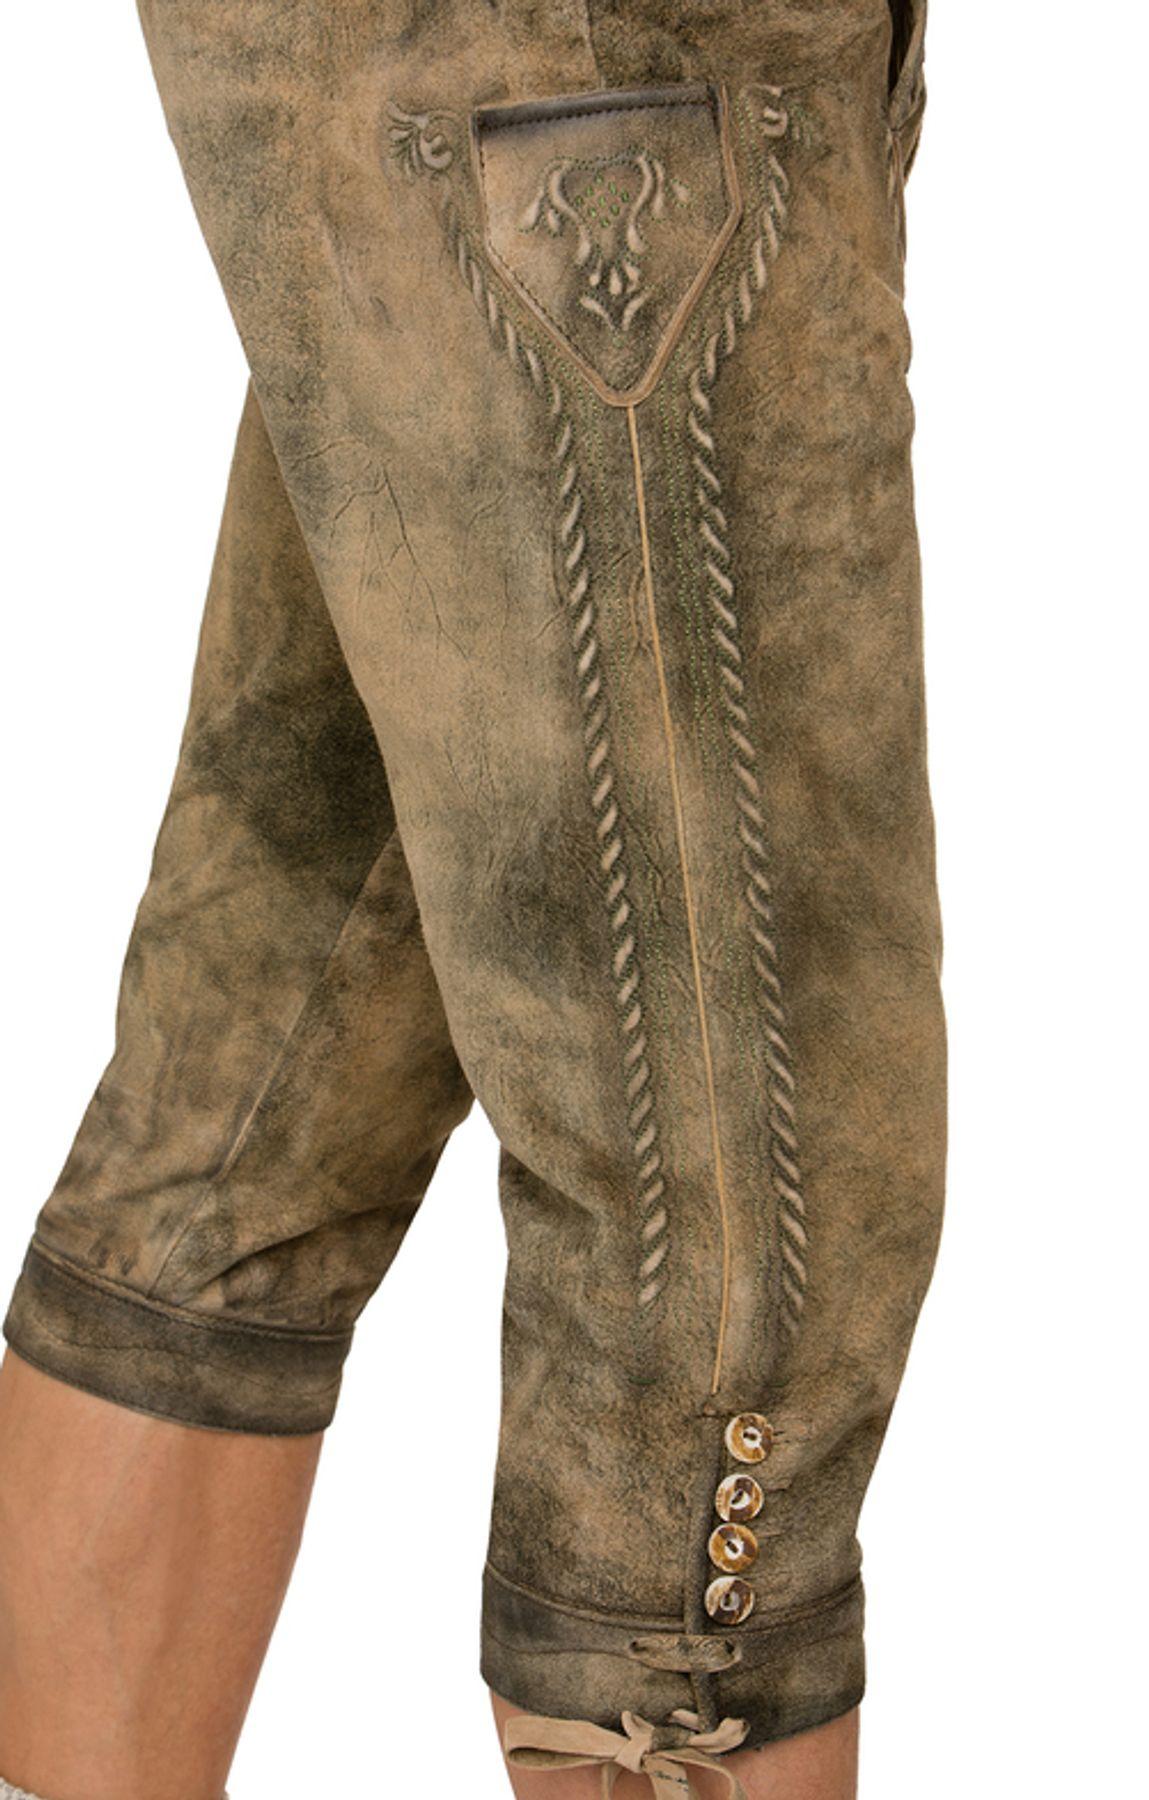 Stockerpoint - Herren Trachten Lederhose mit Gürtel in verschiedenen Farben, Johann – Bild 9